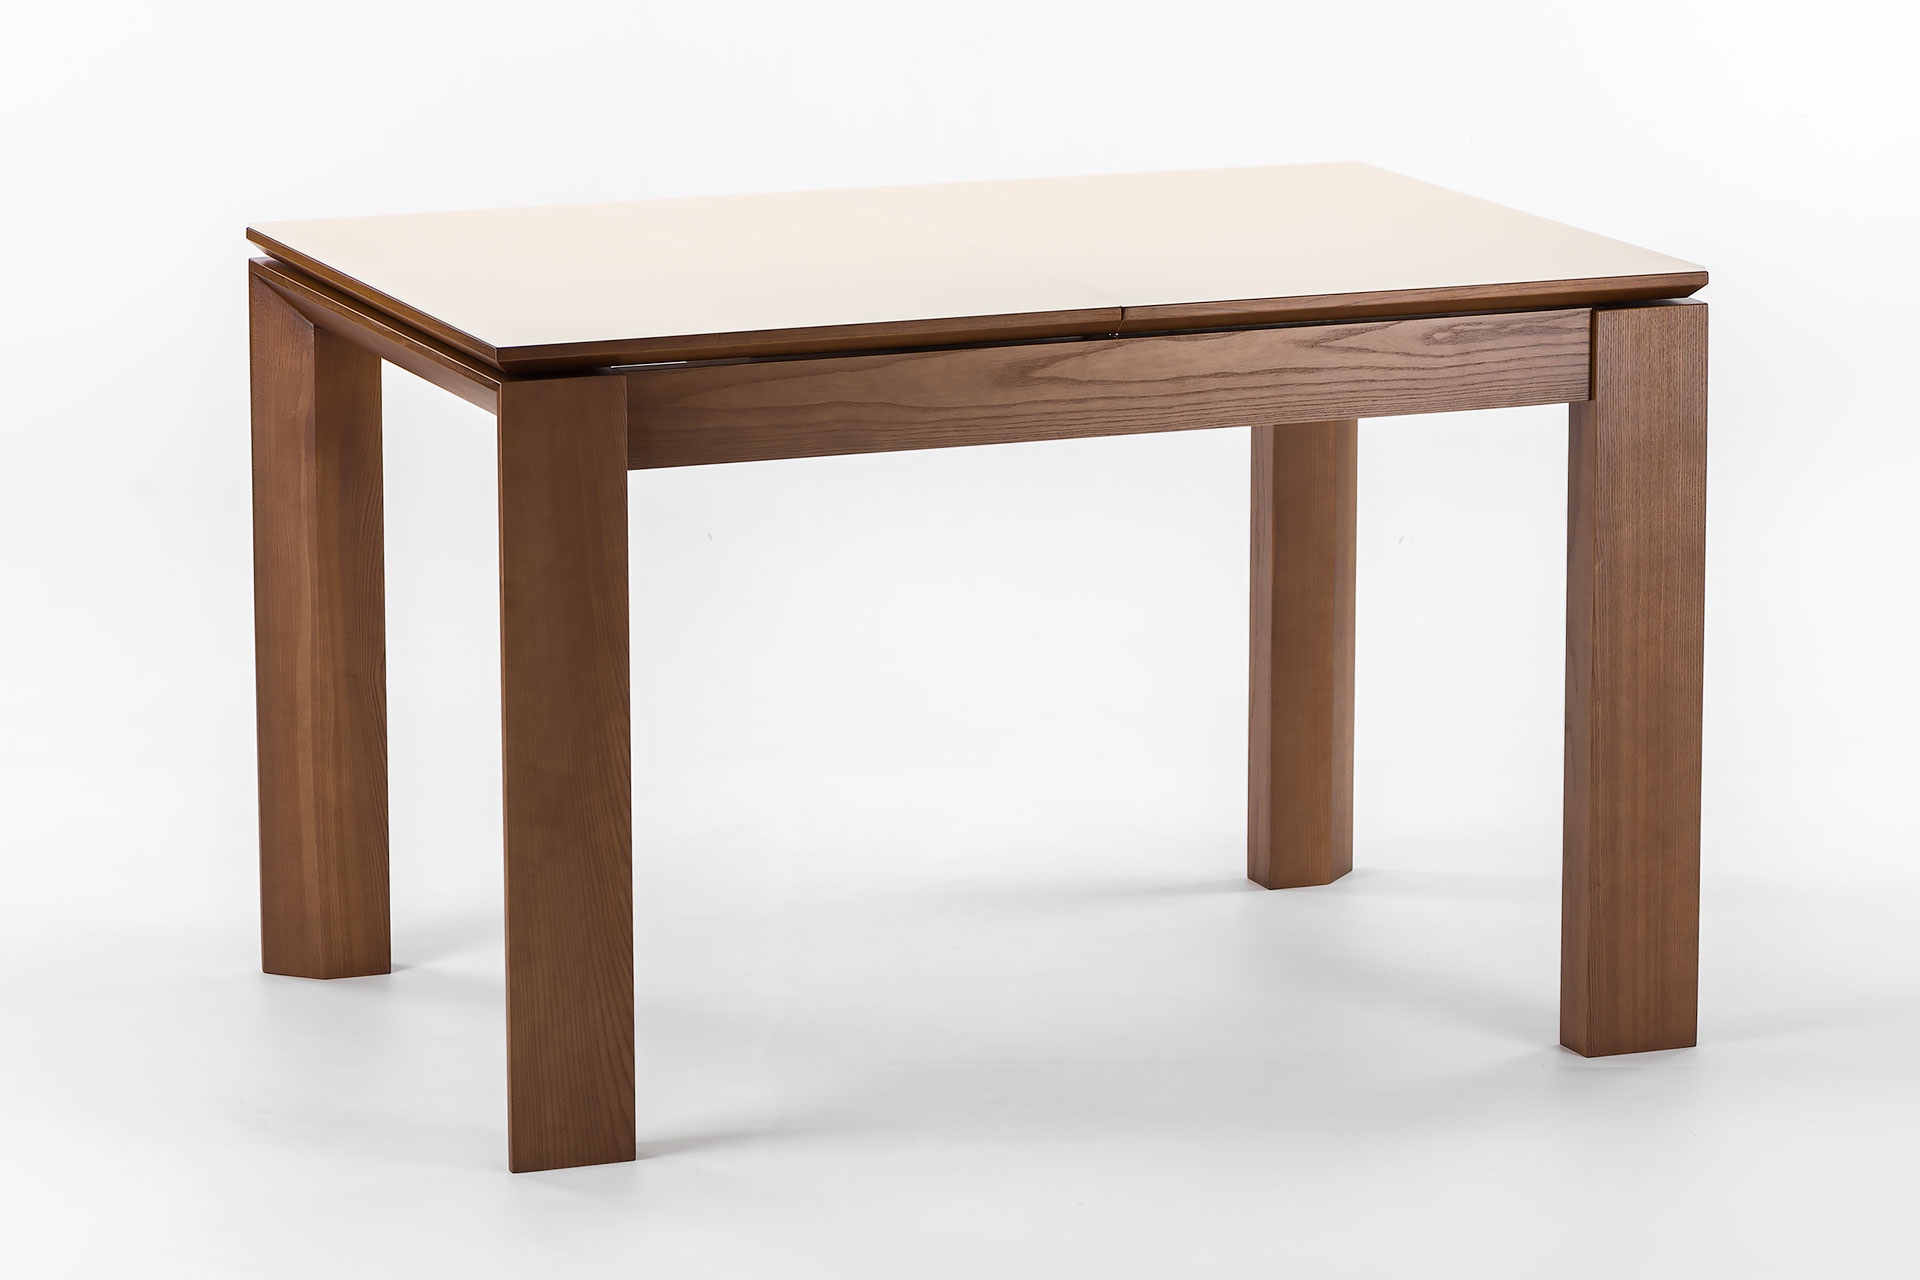 """Раскладной кухонный стол """"Милан-люкс"""", цвет SE7031, столешница с матовым стеклом"""